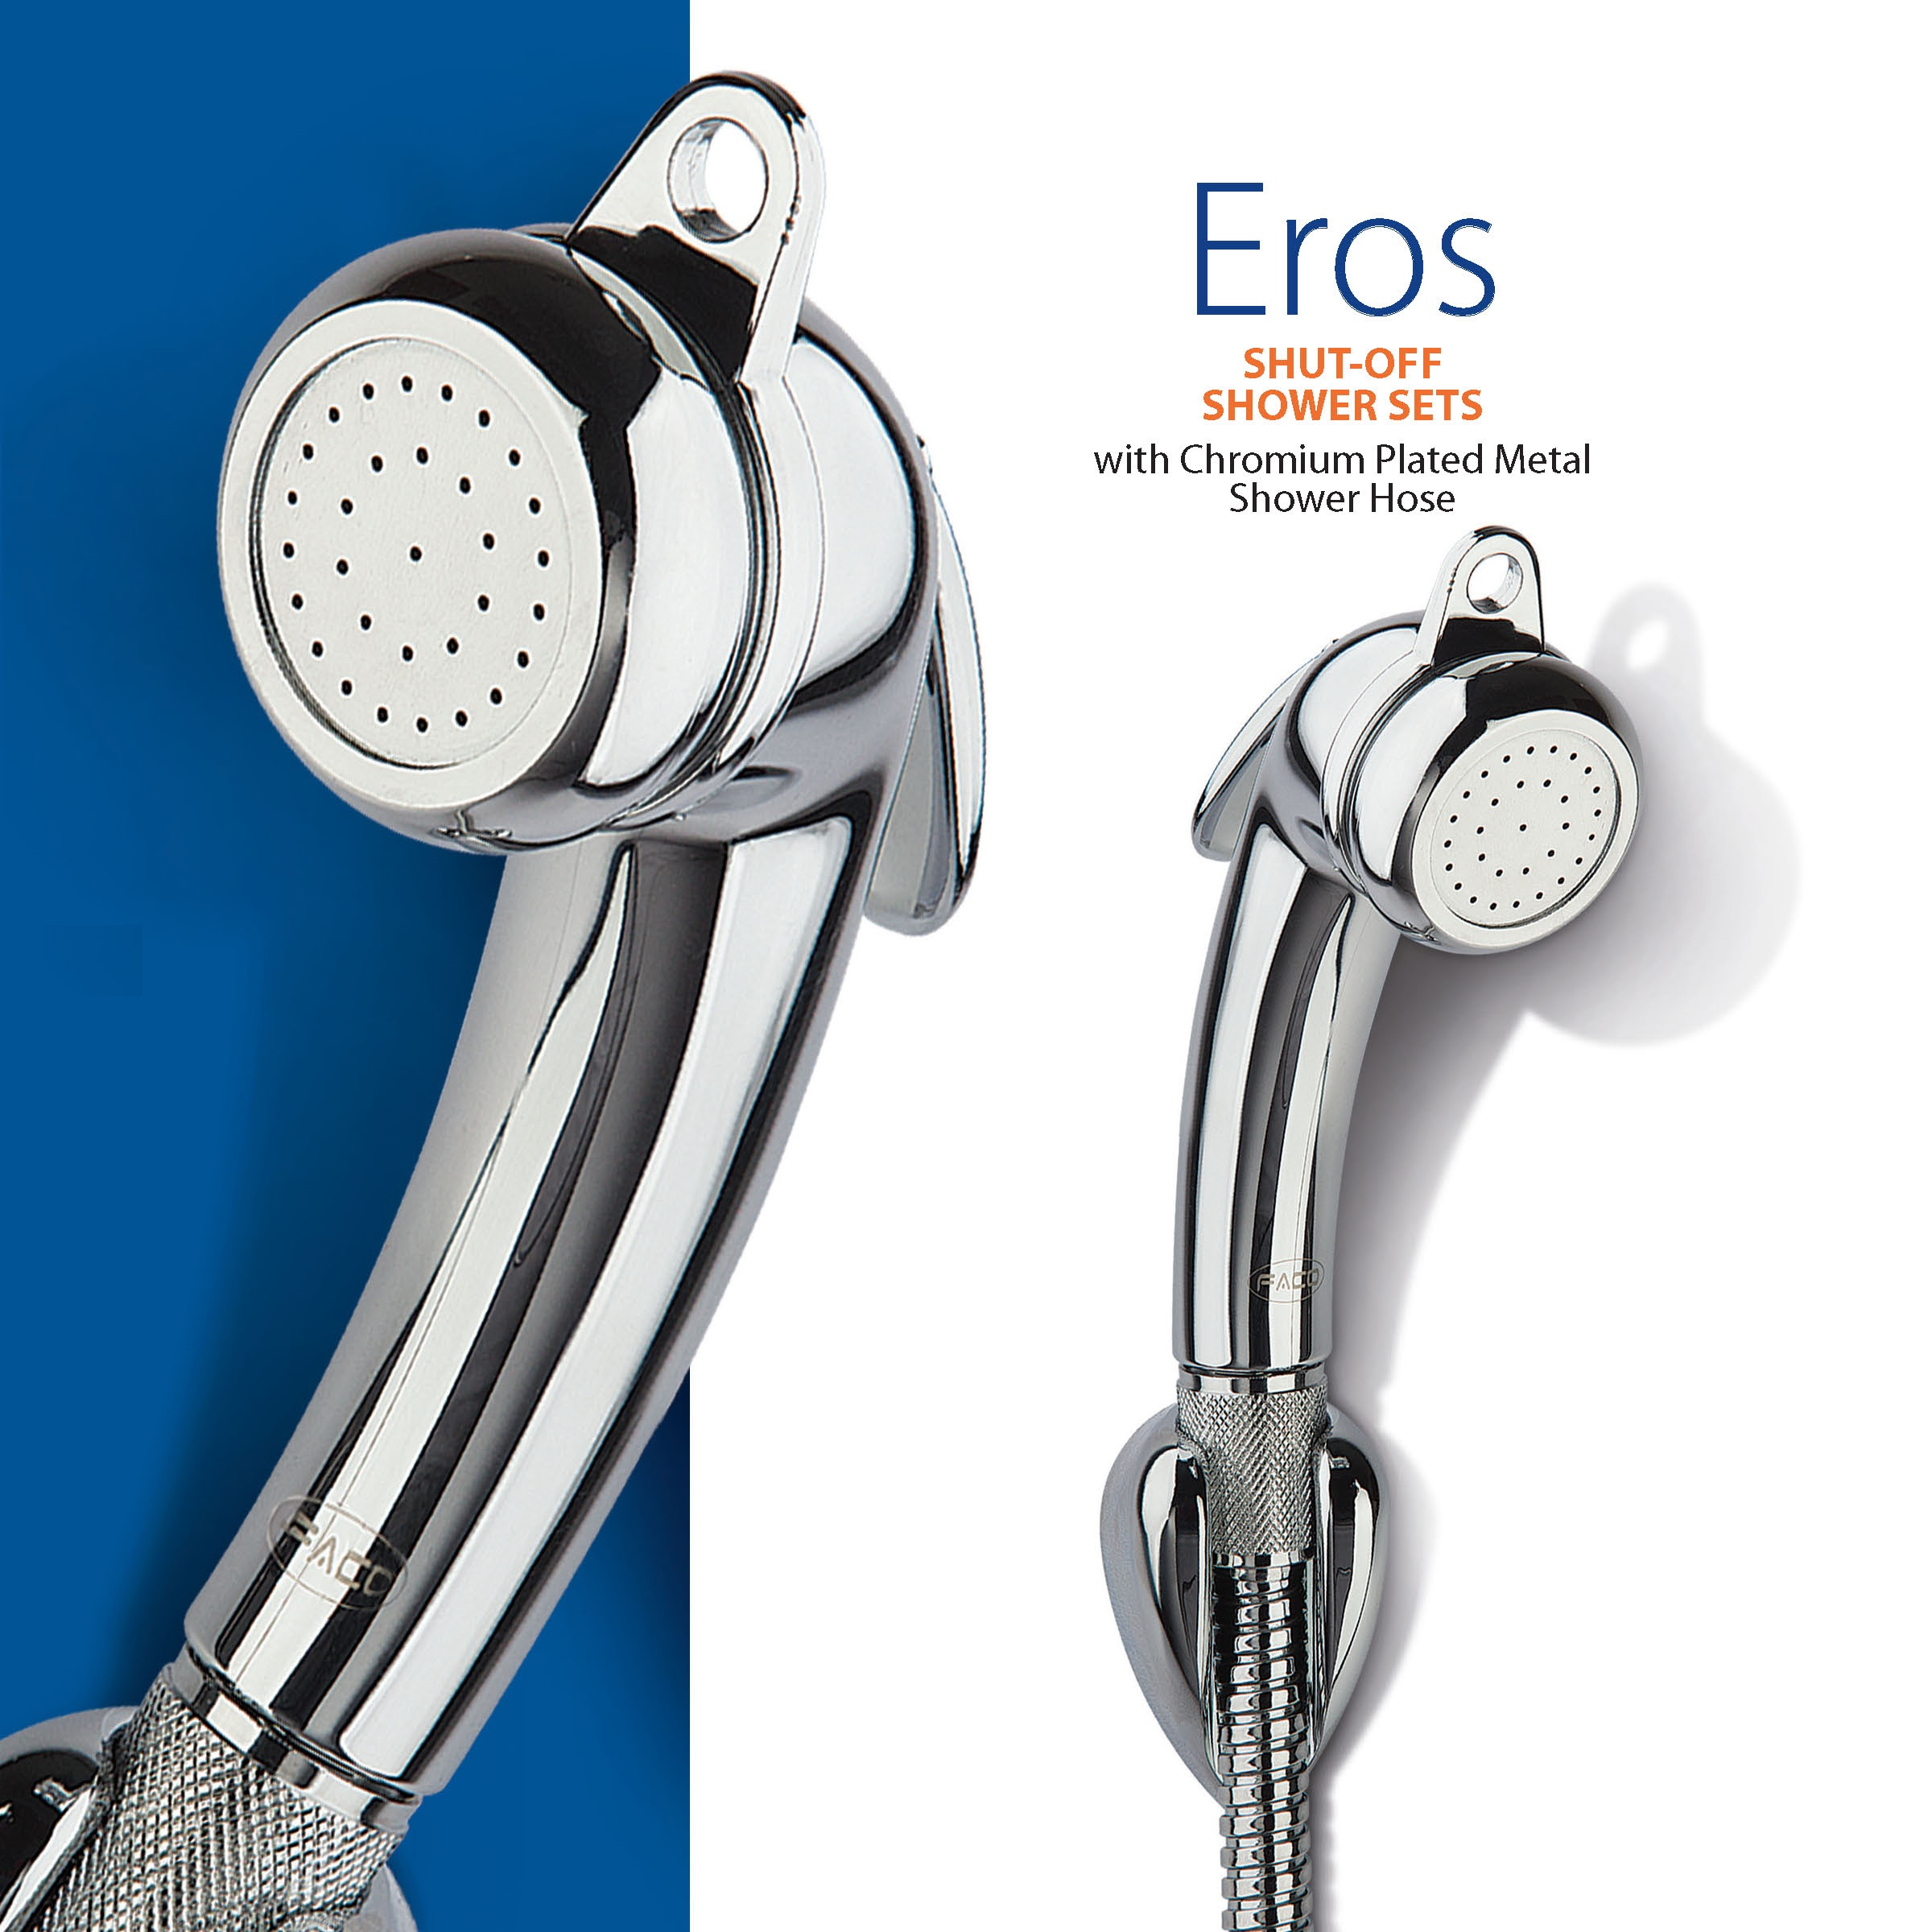 EROS Shut-Off Shower Set